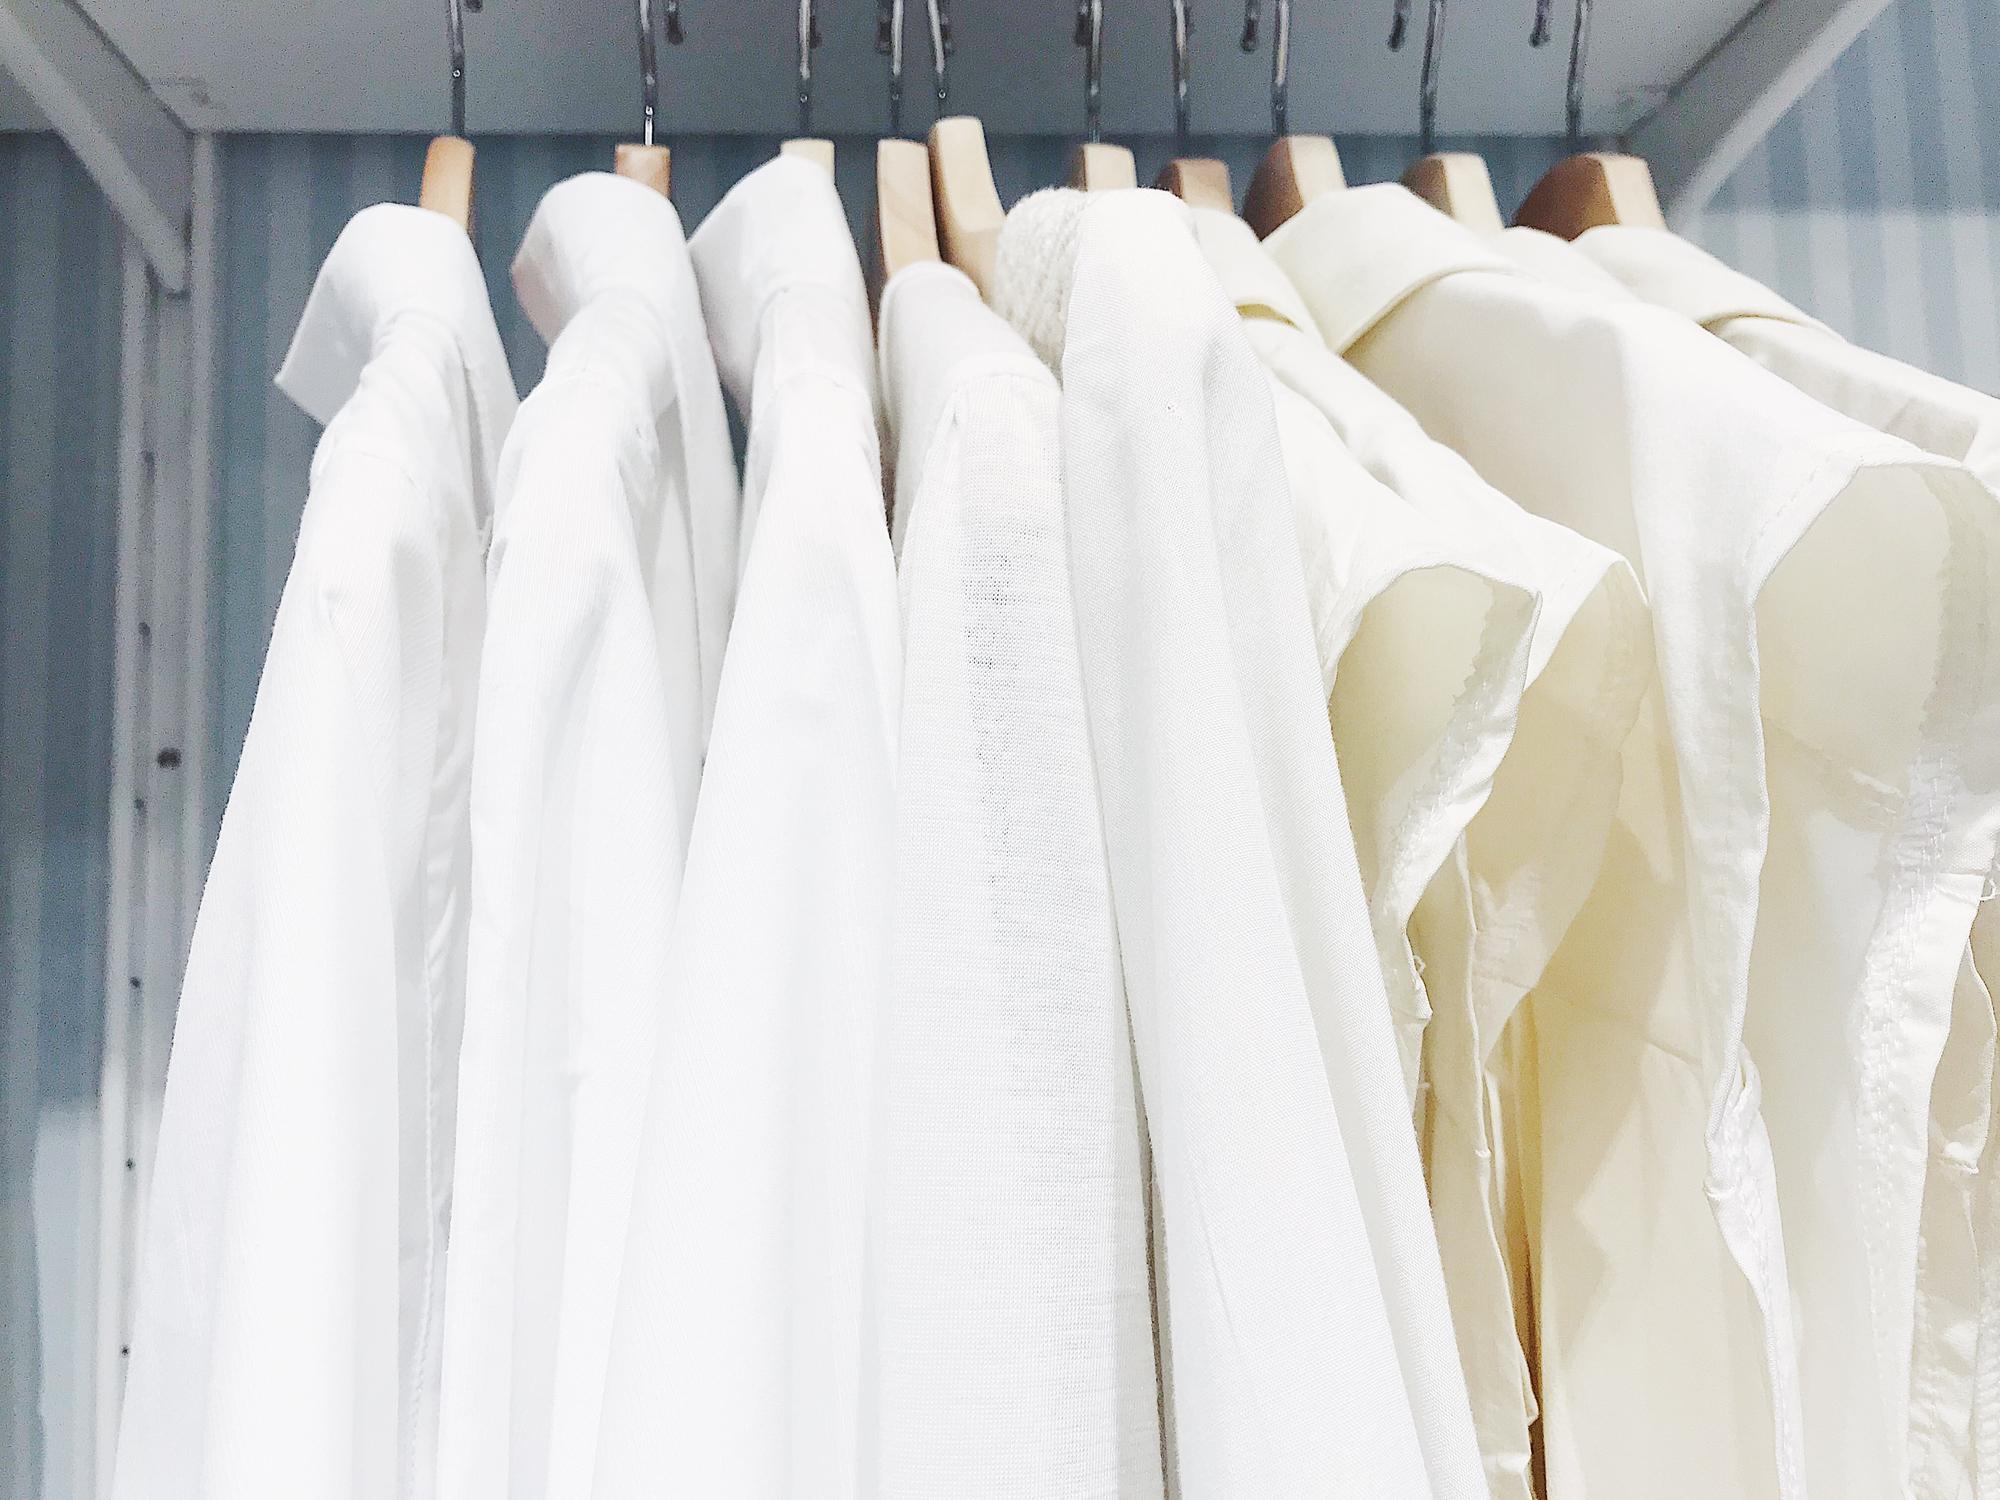 ハンガーに掛けられた白シャツ10着